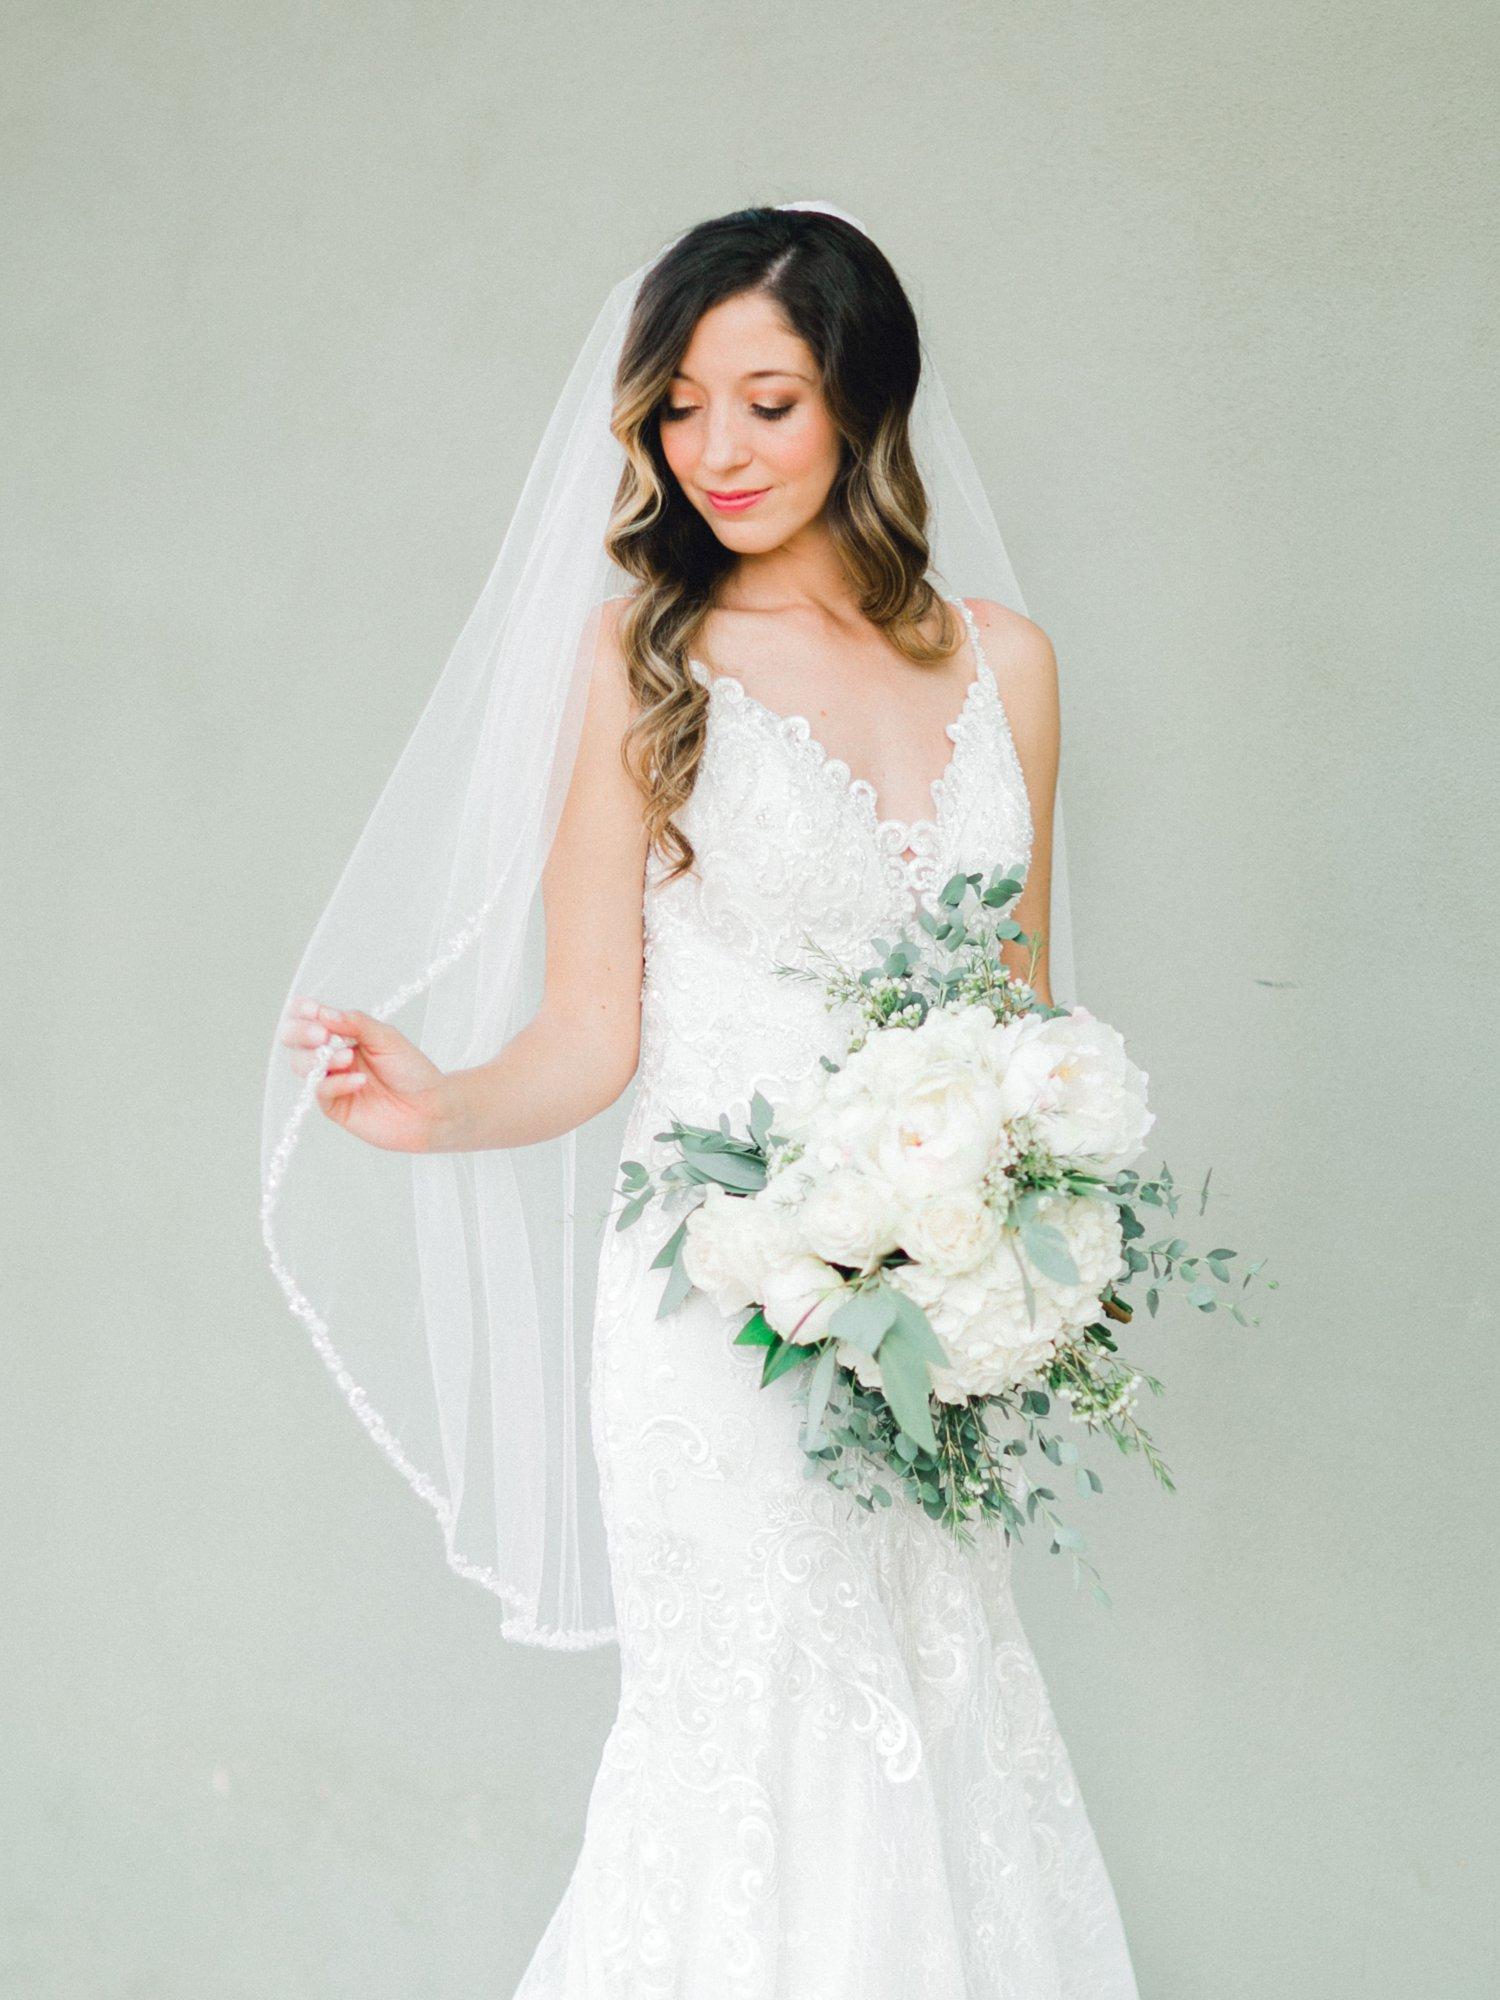 Ashley_Parr_Bridals_ALLEEJ_caprock_winery_romantic_elegant0002.jpg